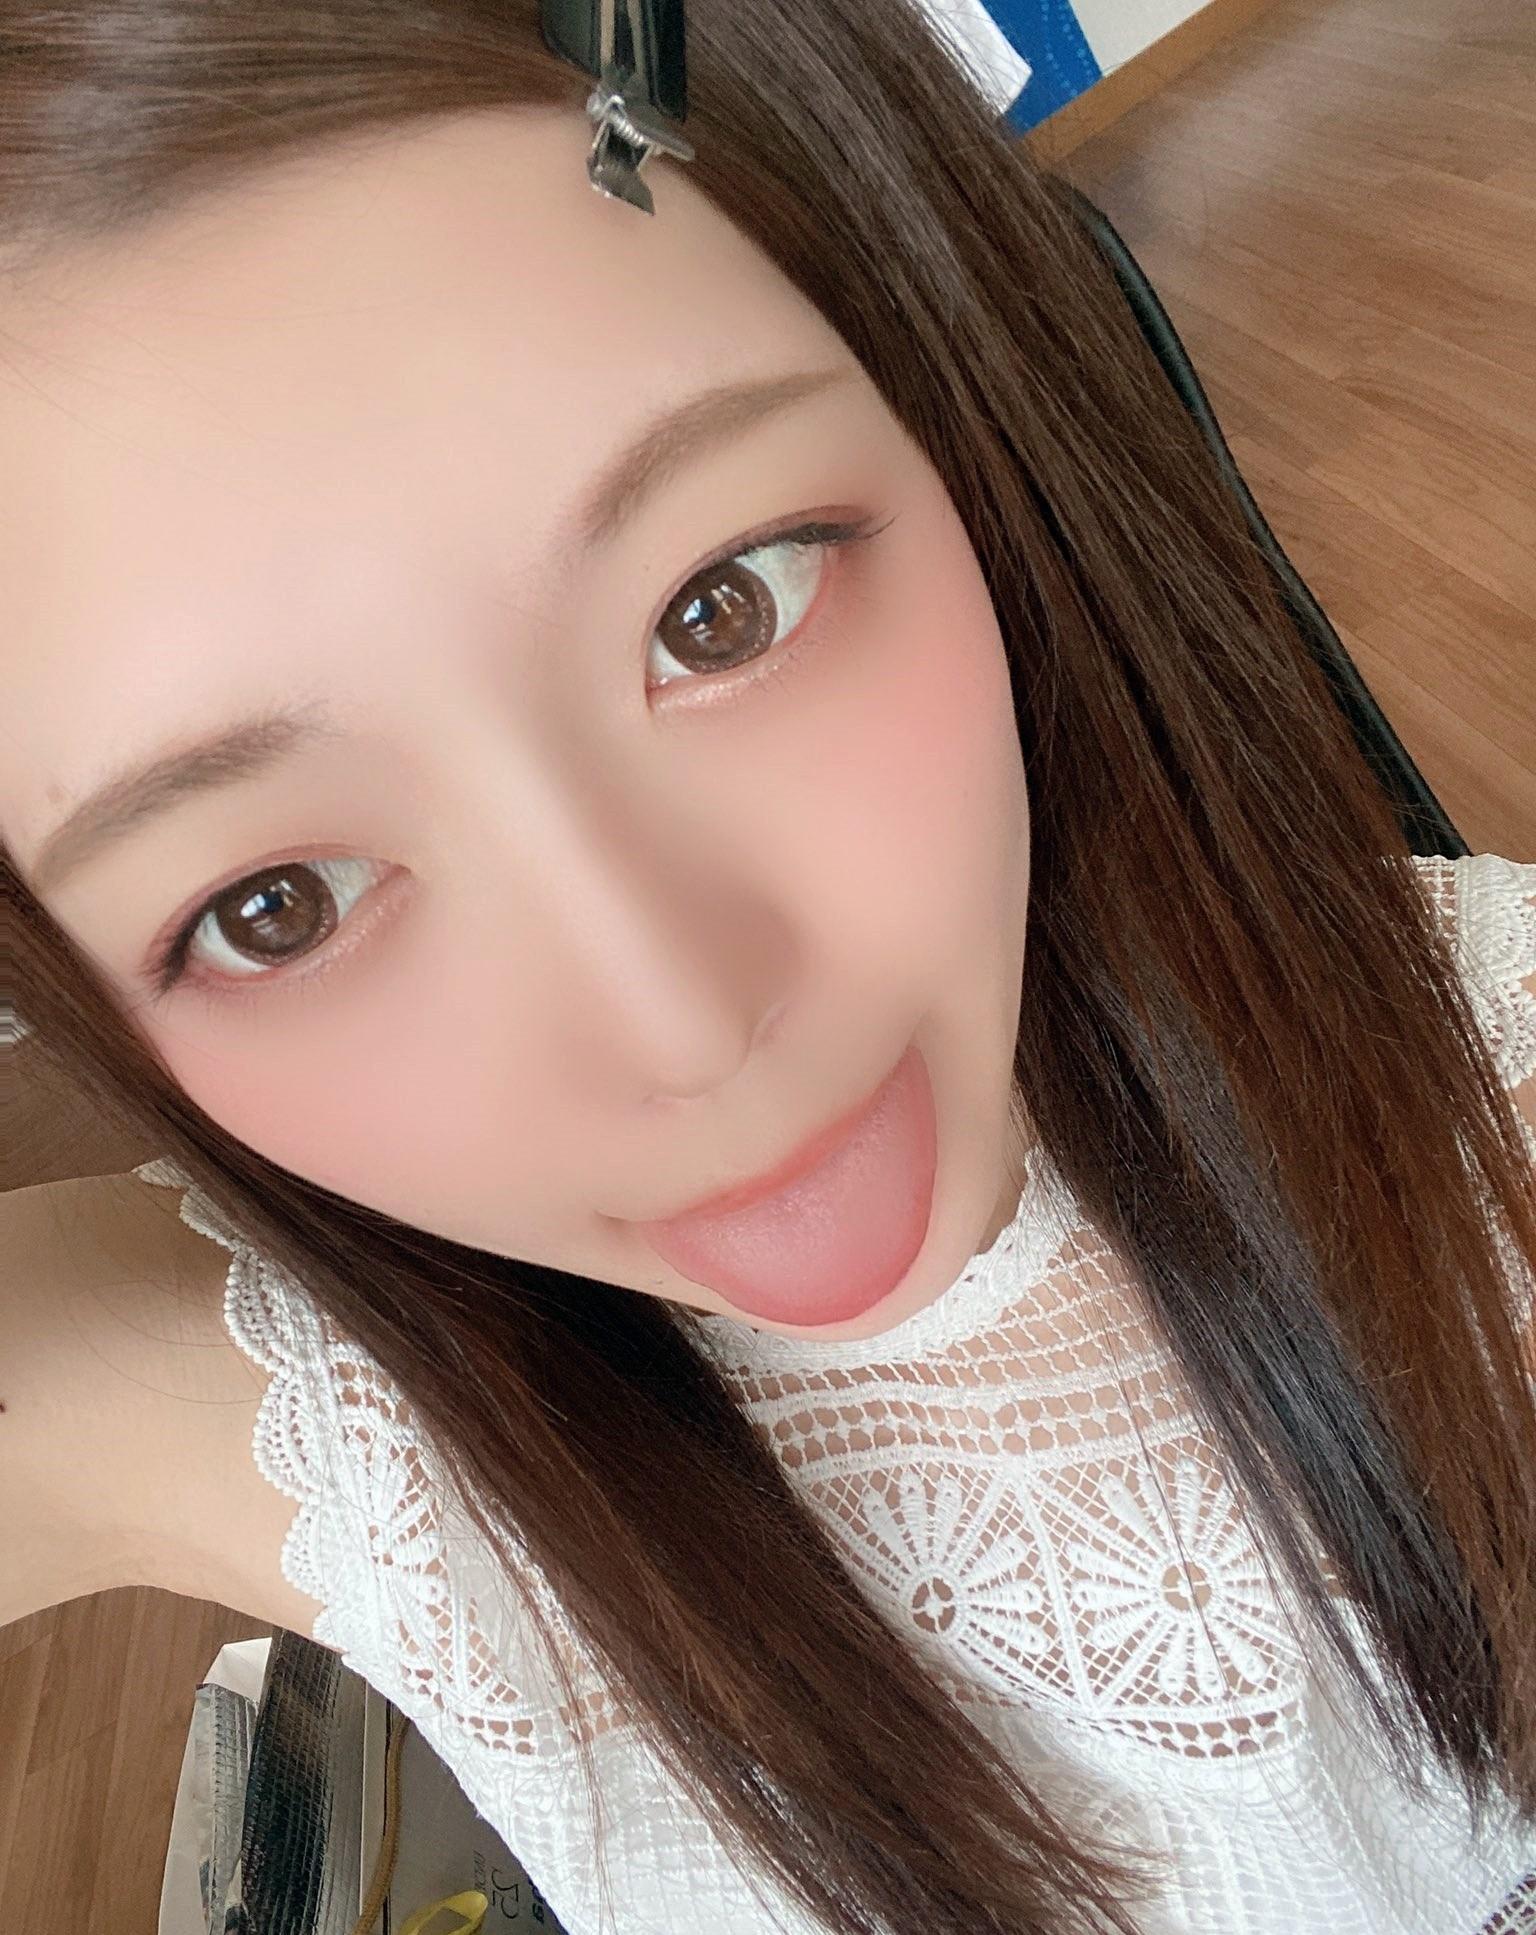 七瀬いおりのぽってり舌 (17)